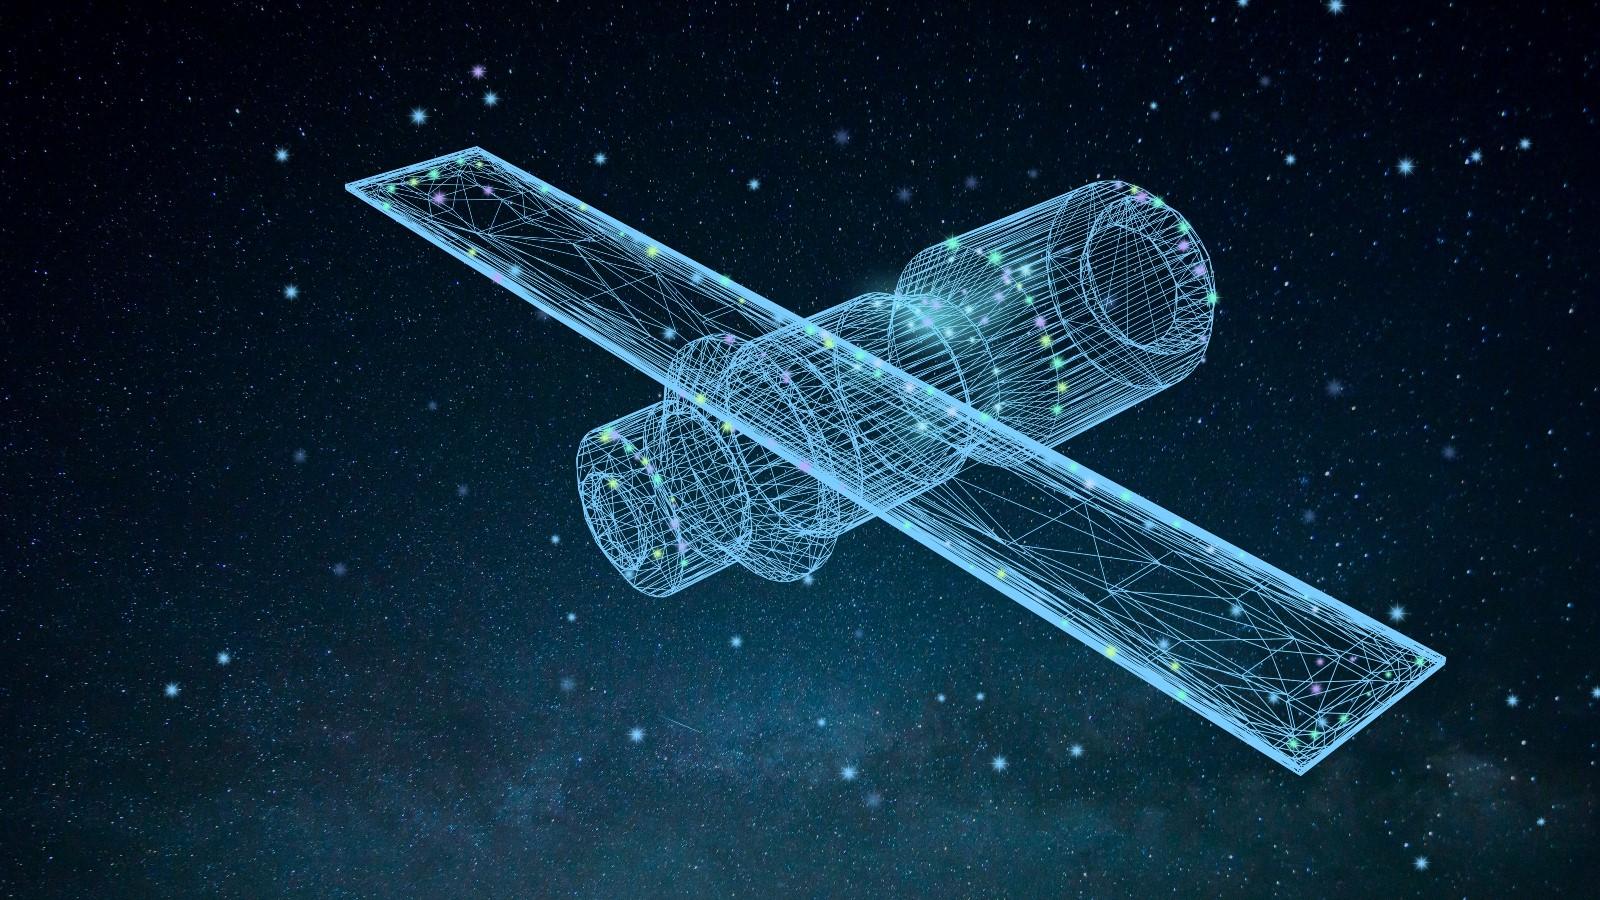 成功服务40颗卫星、建设近30个地面站,航天驭星成为商业卫星测控赛道领头羊